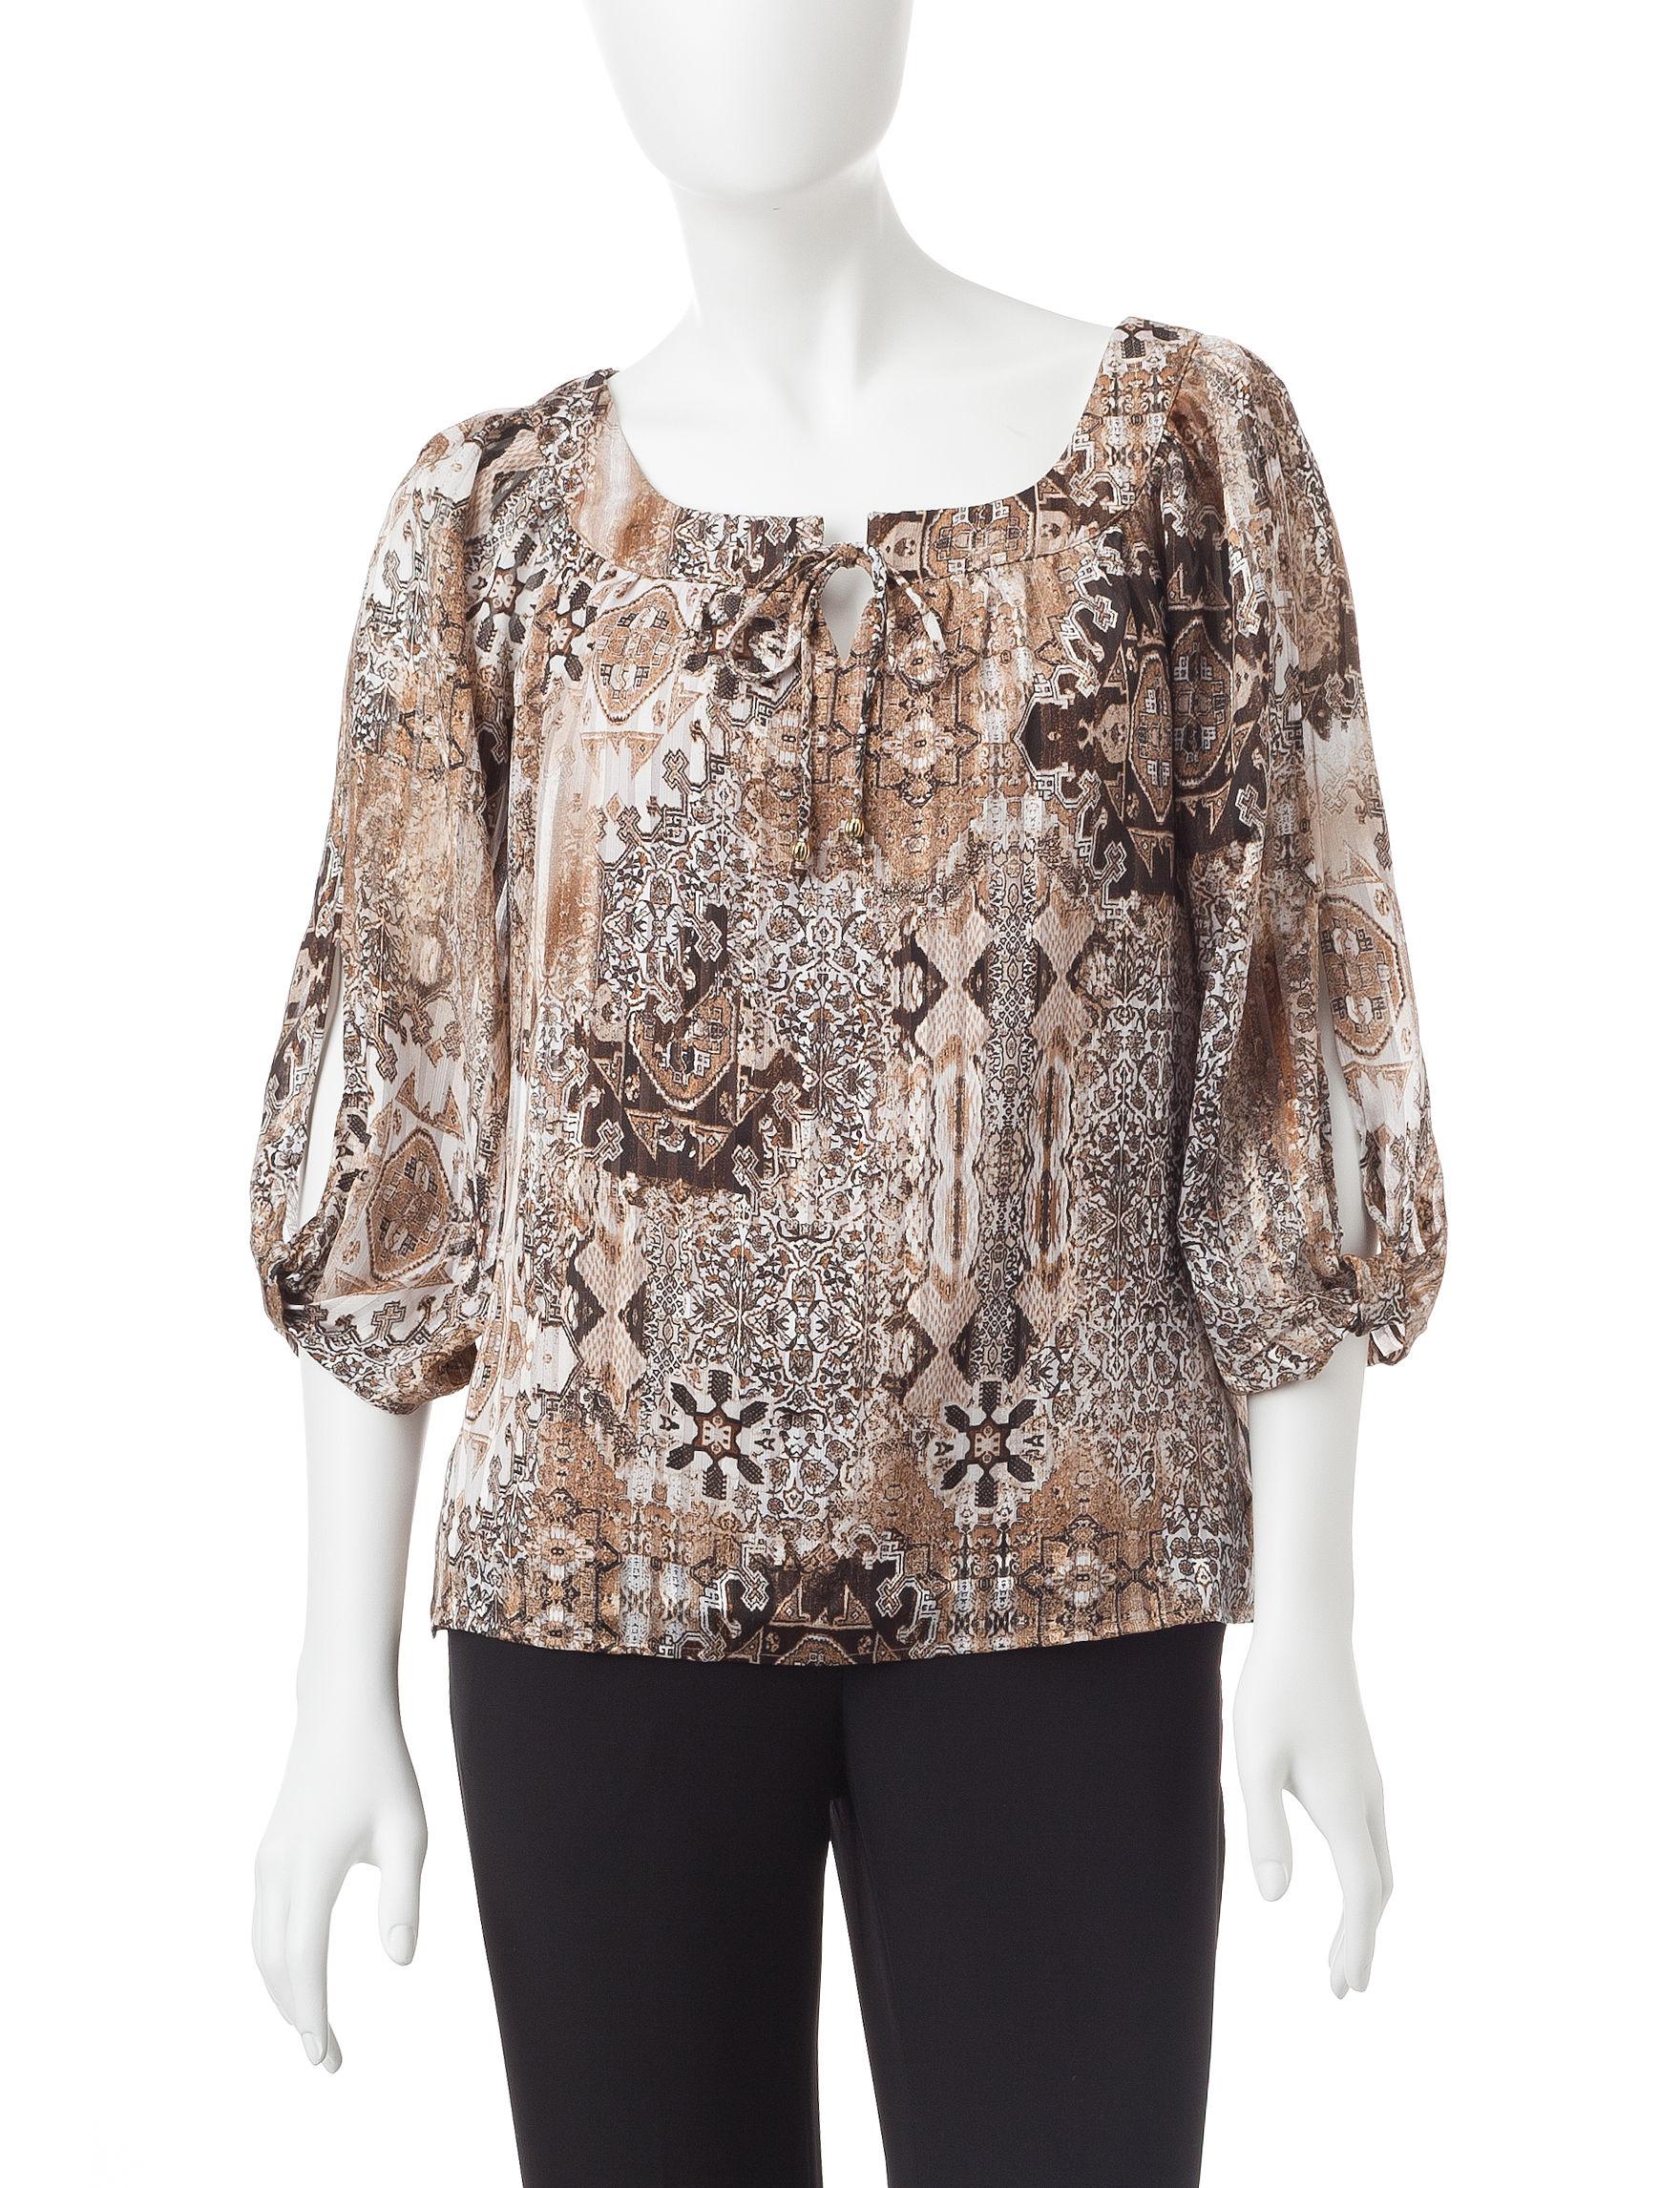 Rebecca Malone Black / Beige Shirts & Blouses